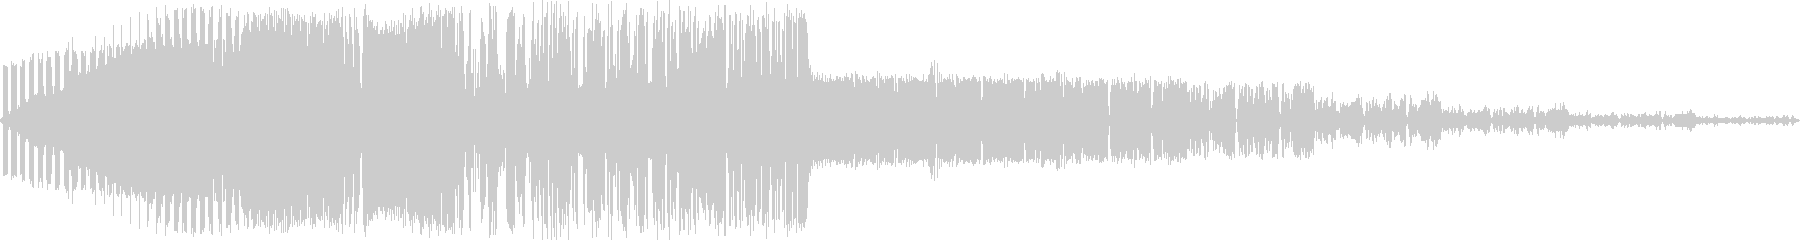 AMGアナログFX 29の未再生の波形